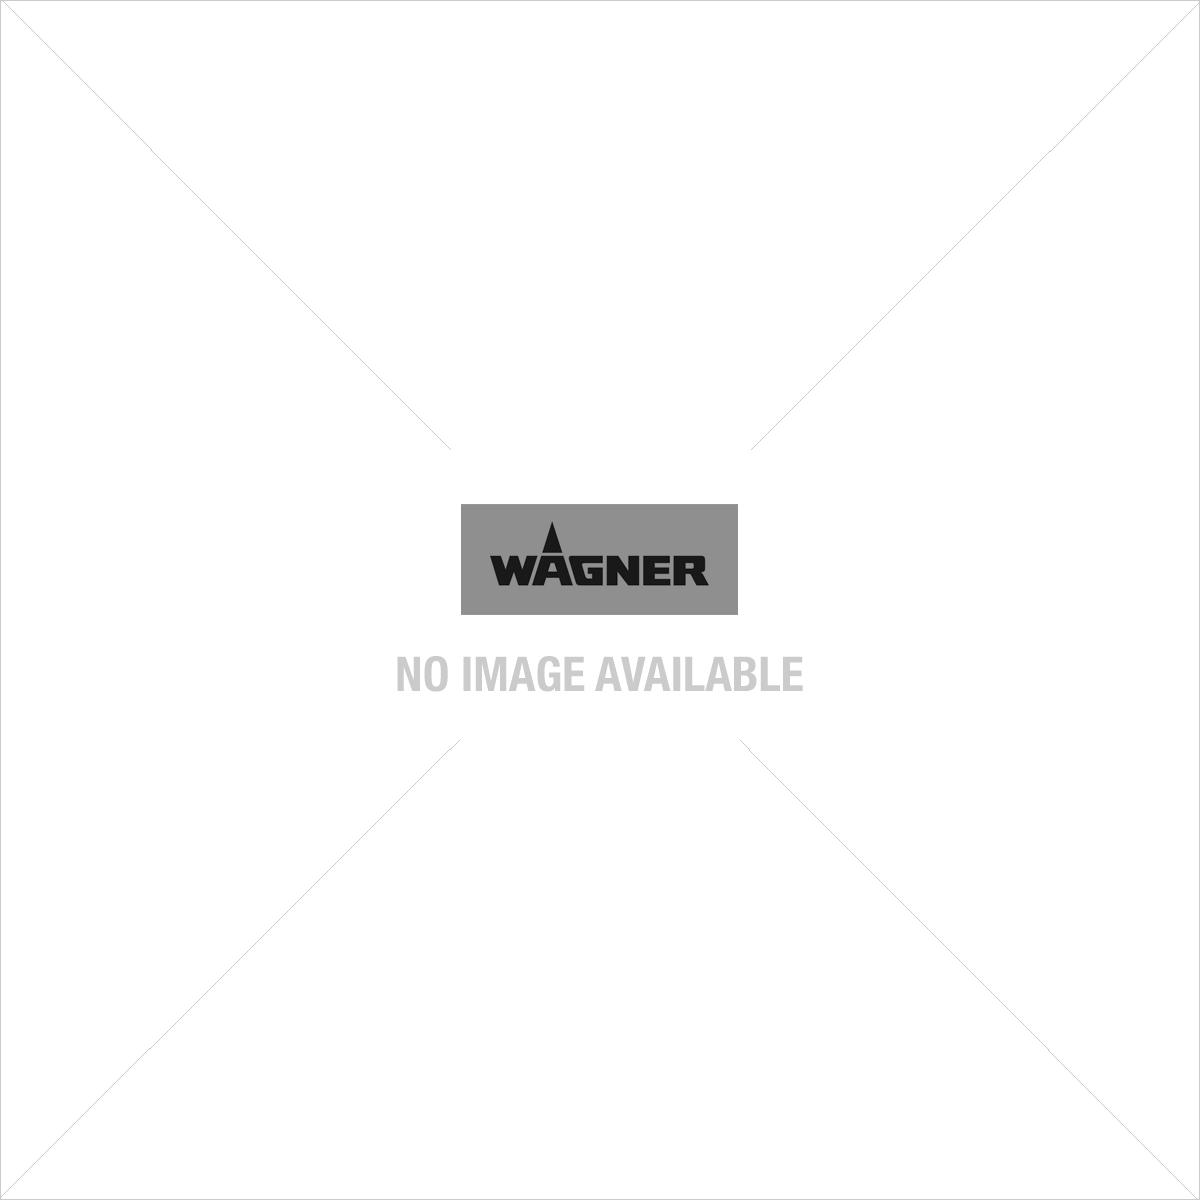 Einstellring Sprühstrahl, W 990 Flexio